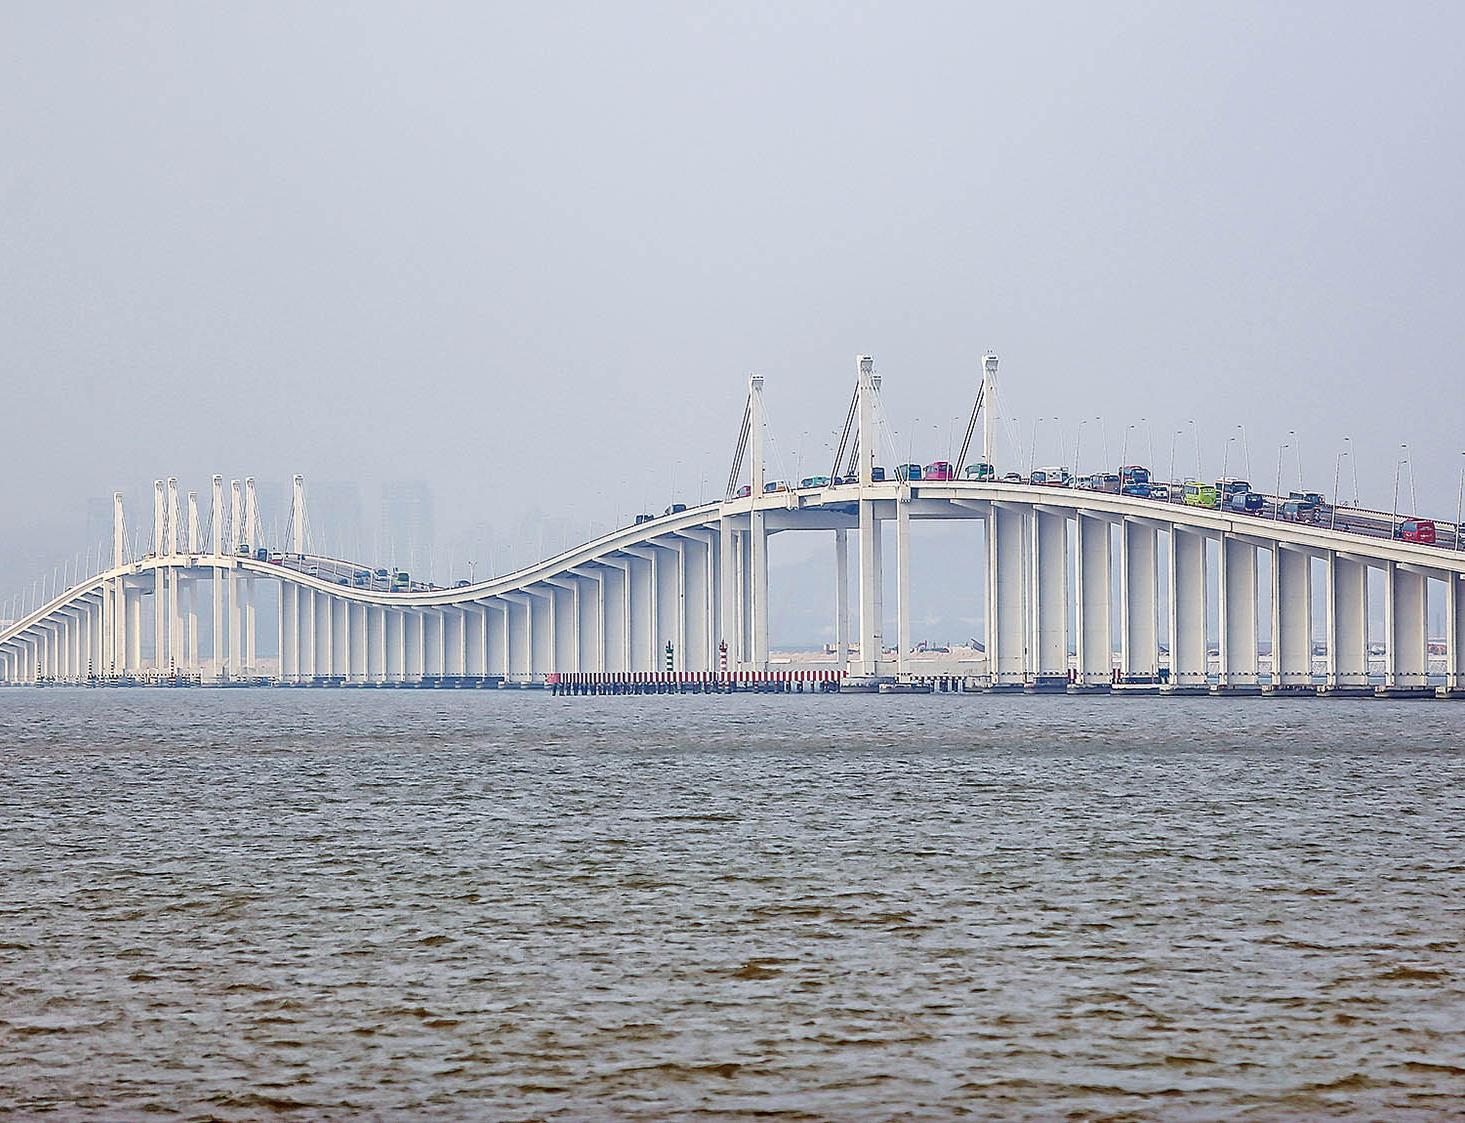 稱澳門為中葡國家「跨洋大橋」